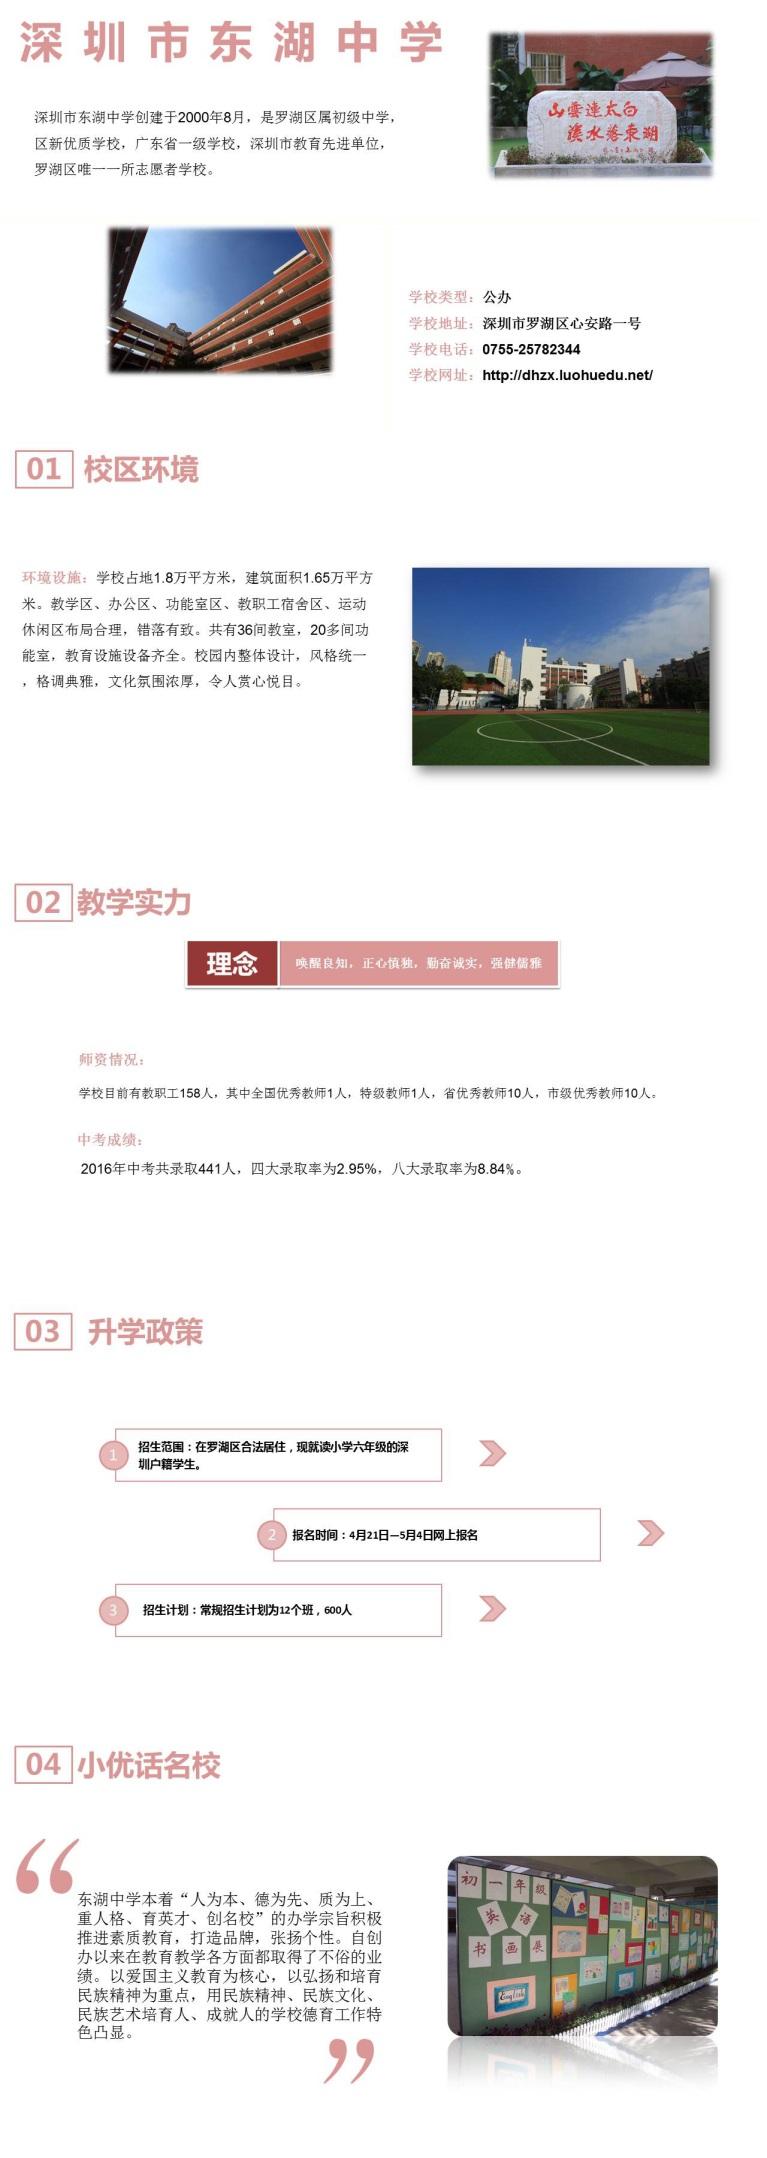 深圳市罗湖区东湖中学介绍